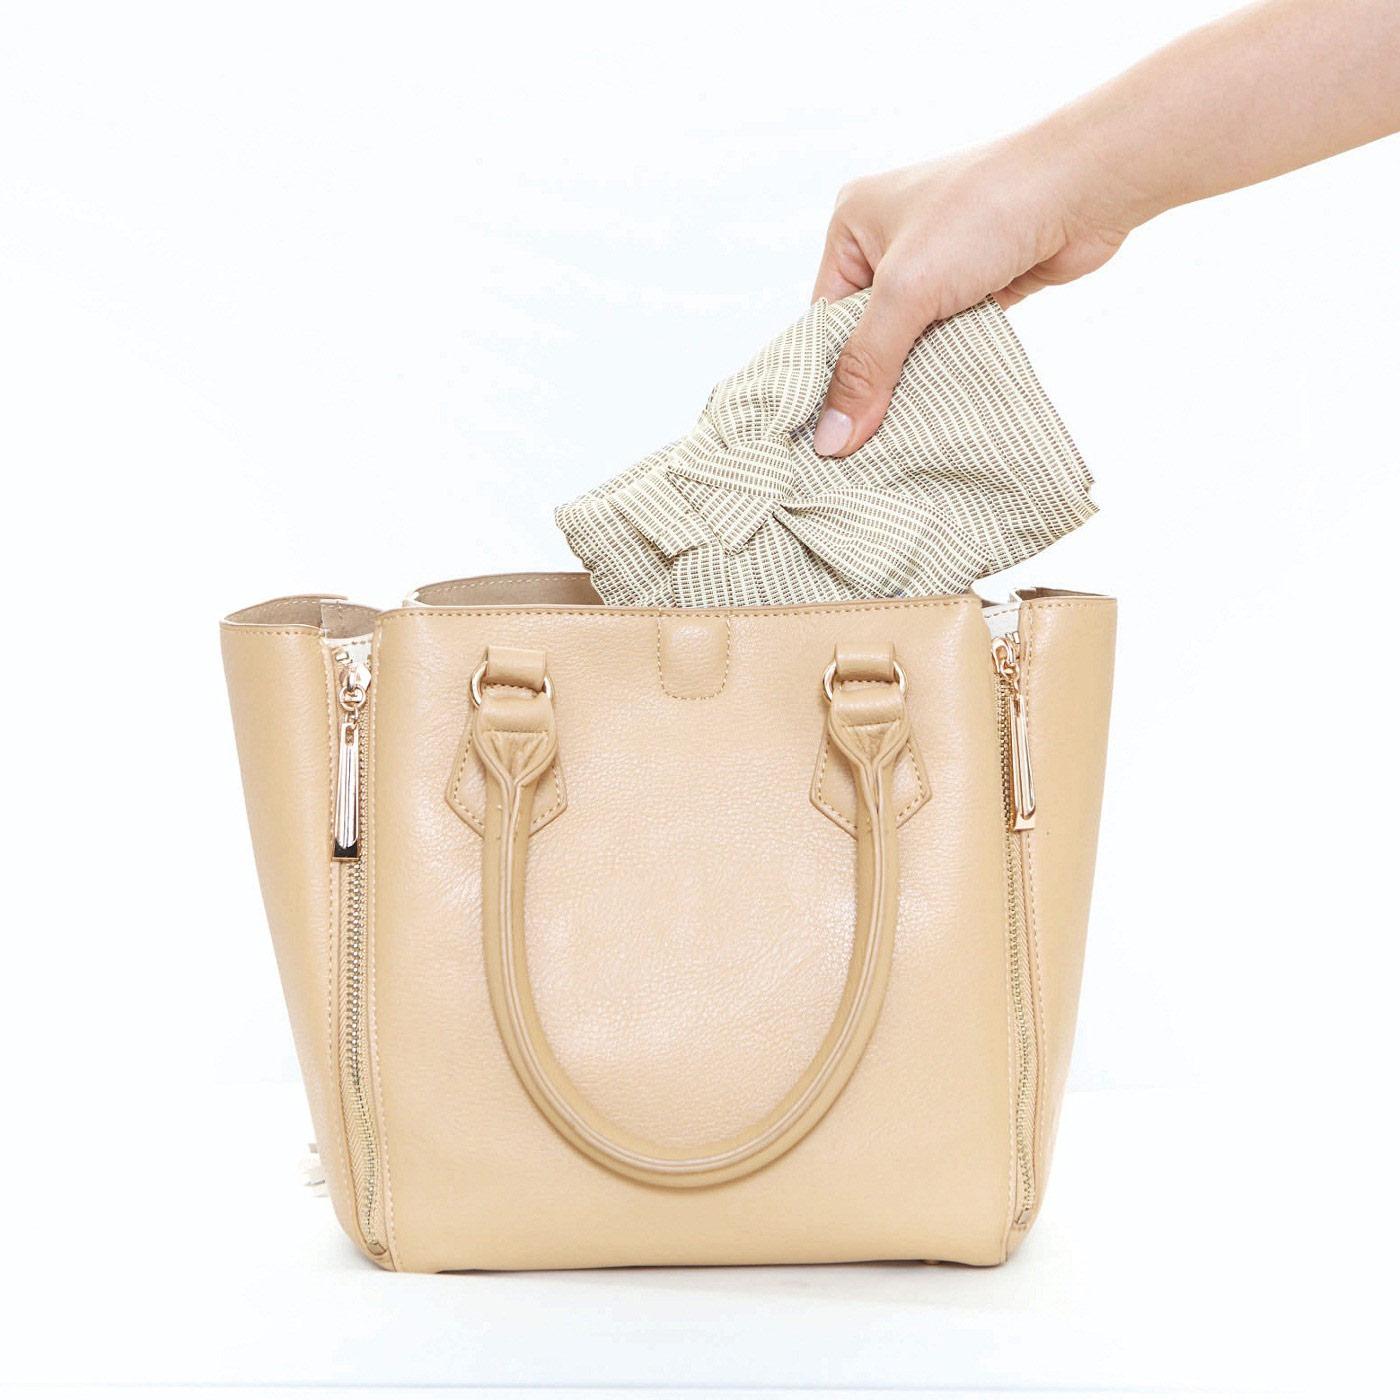 コンパクトにバッグに入れて。